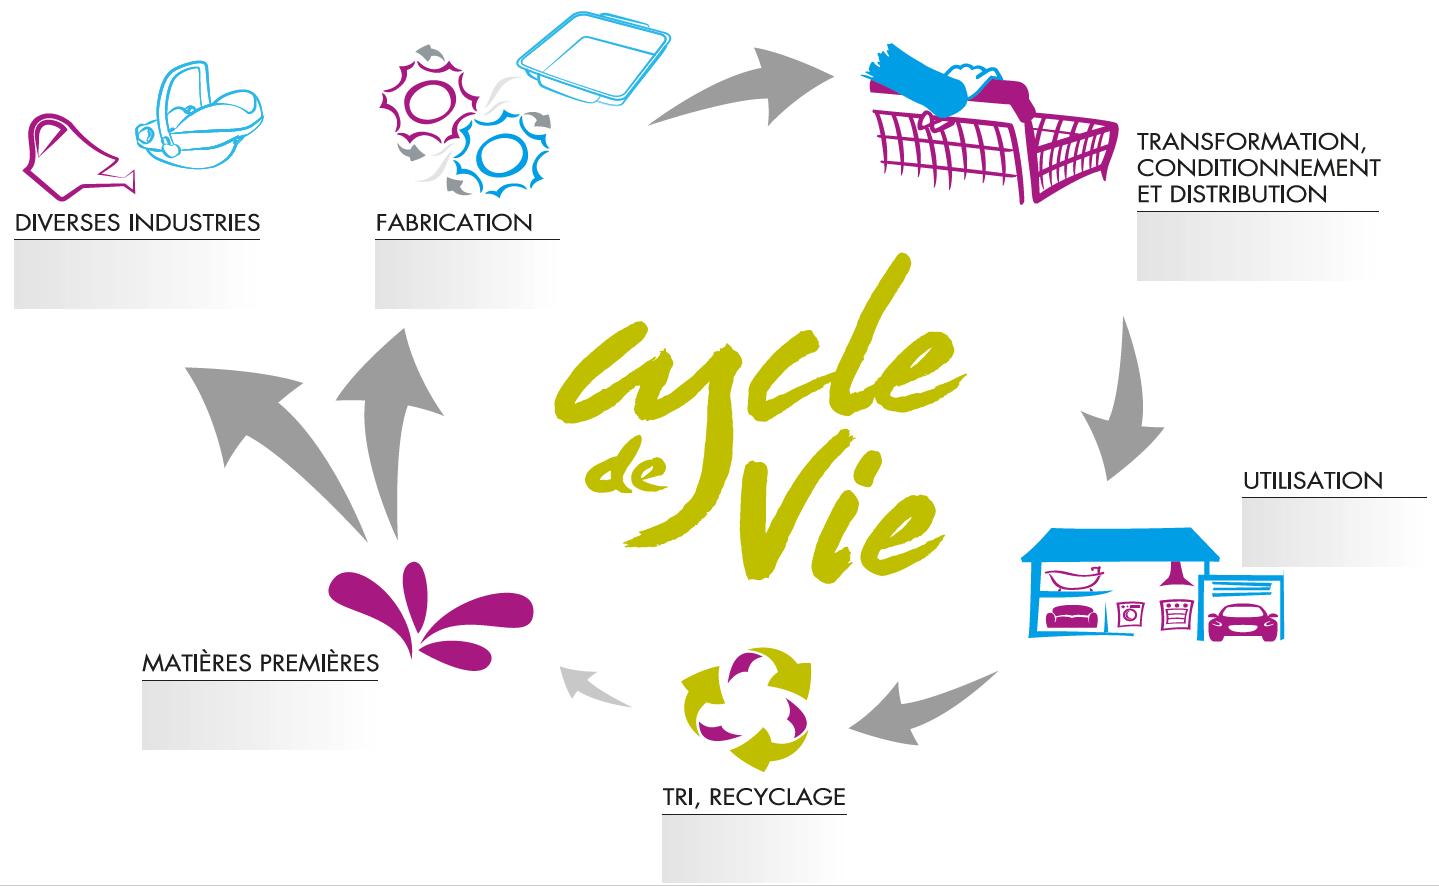 cycle de vie knauf industries